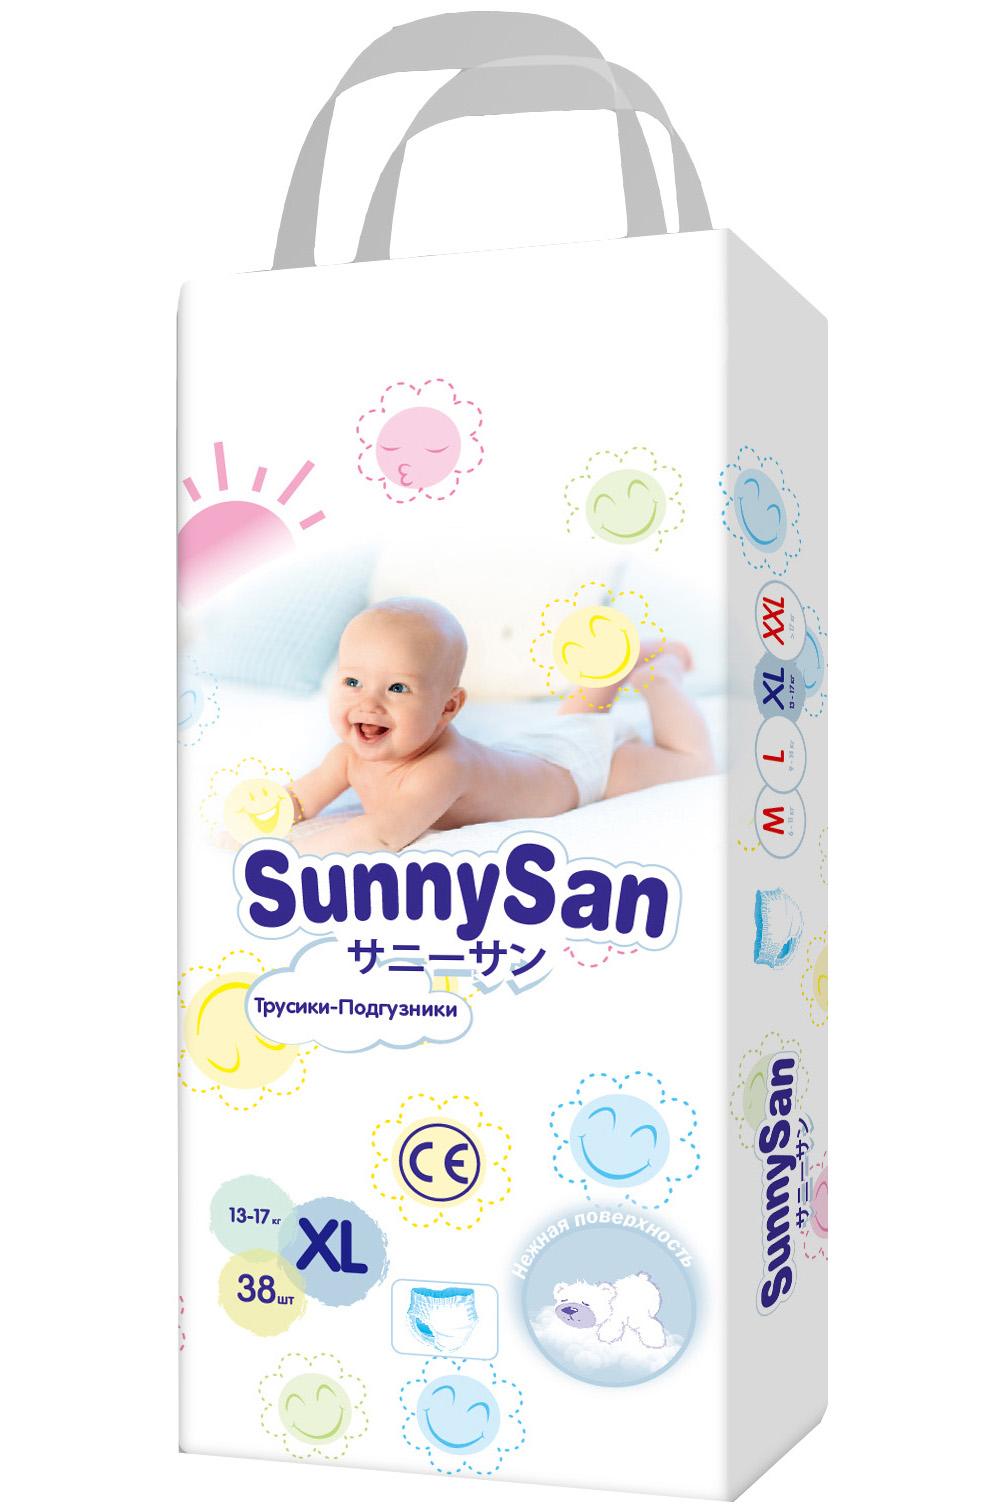 Купить Трусики-подгузники SunnySan XL 13-17 кг 38 шт., Подгузники-трусики